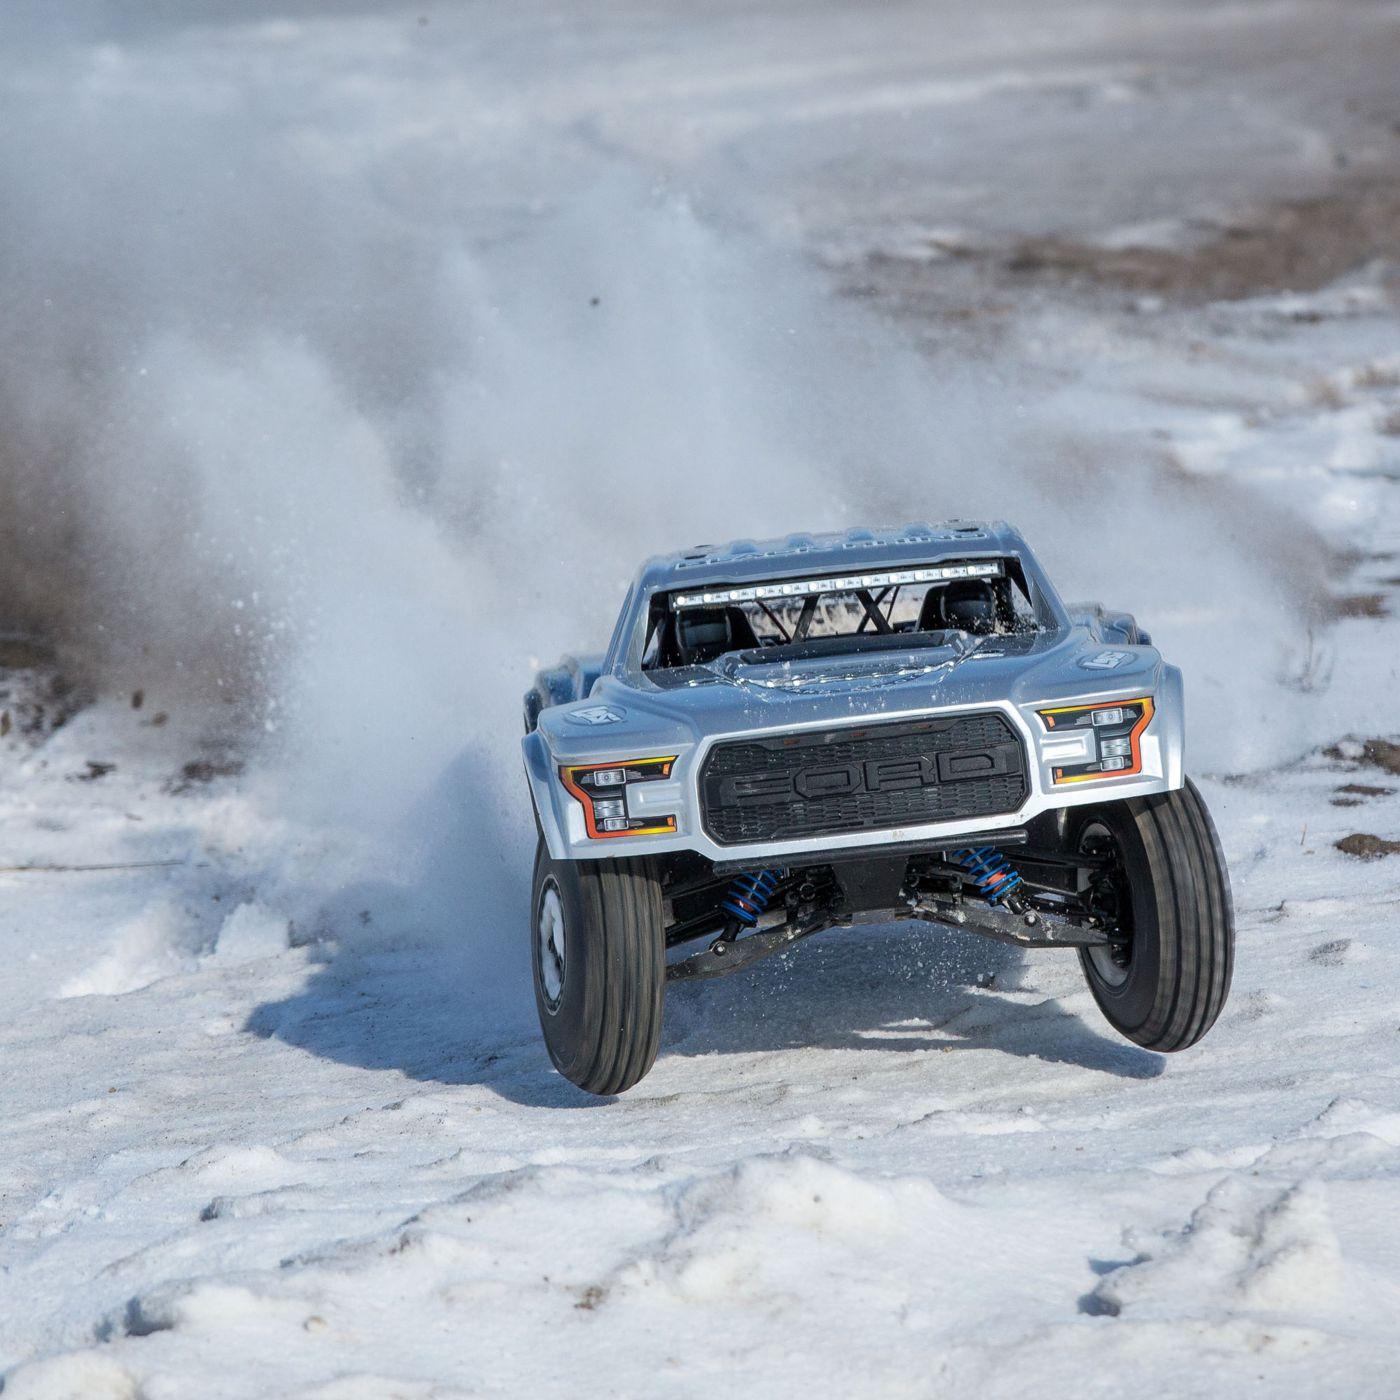 Losi Ford Raptor Baja Desert Racer brushless rtr 2